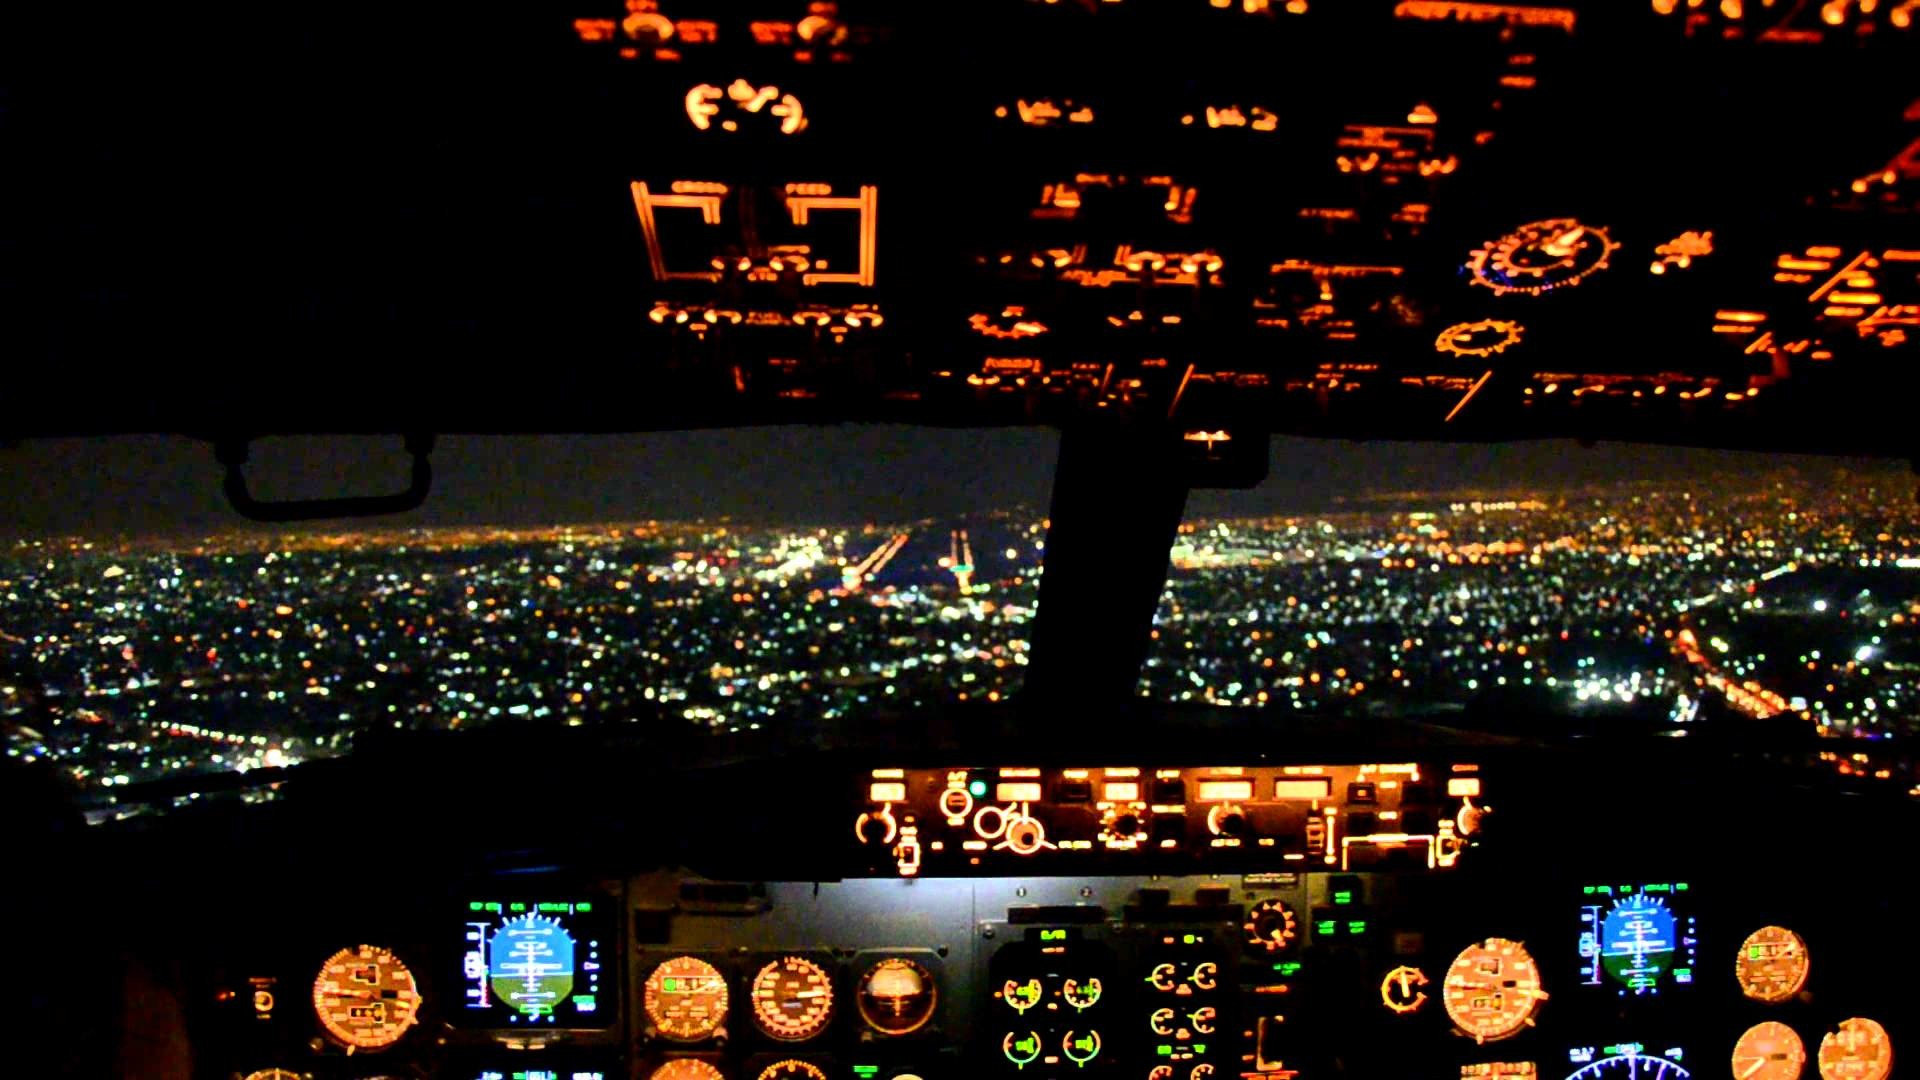 cockpit at night wallpaper hd -#main